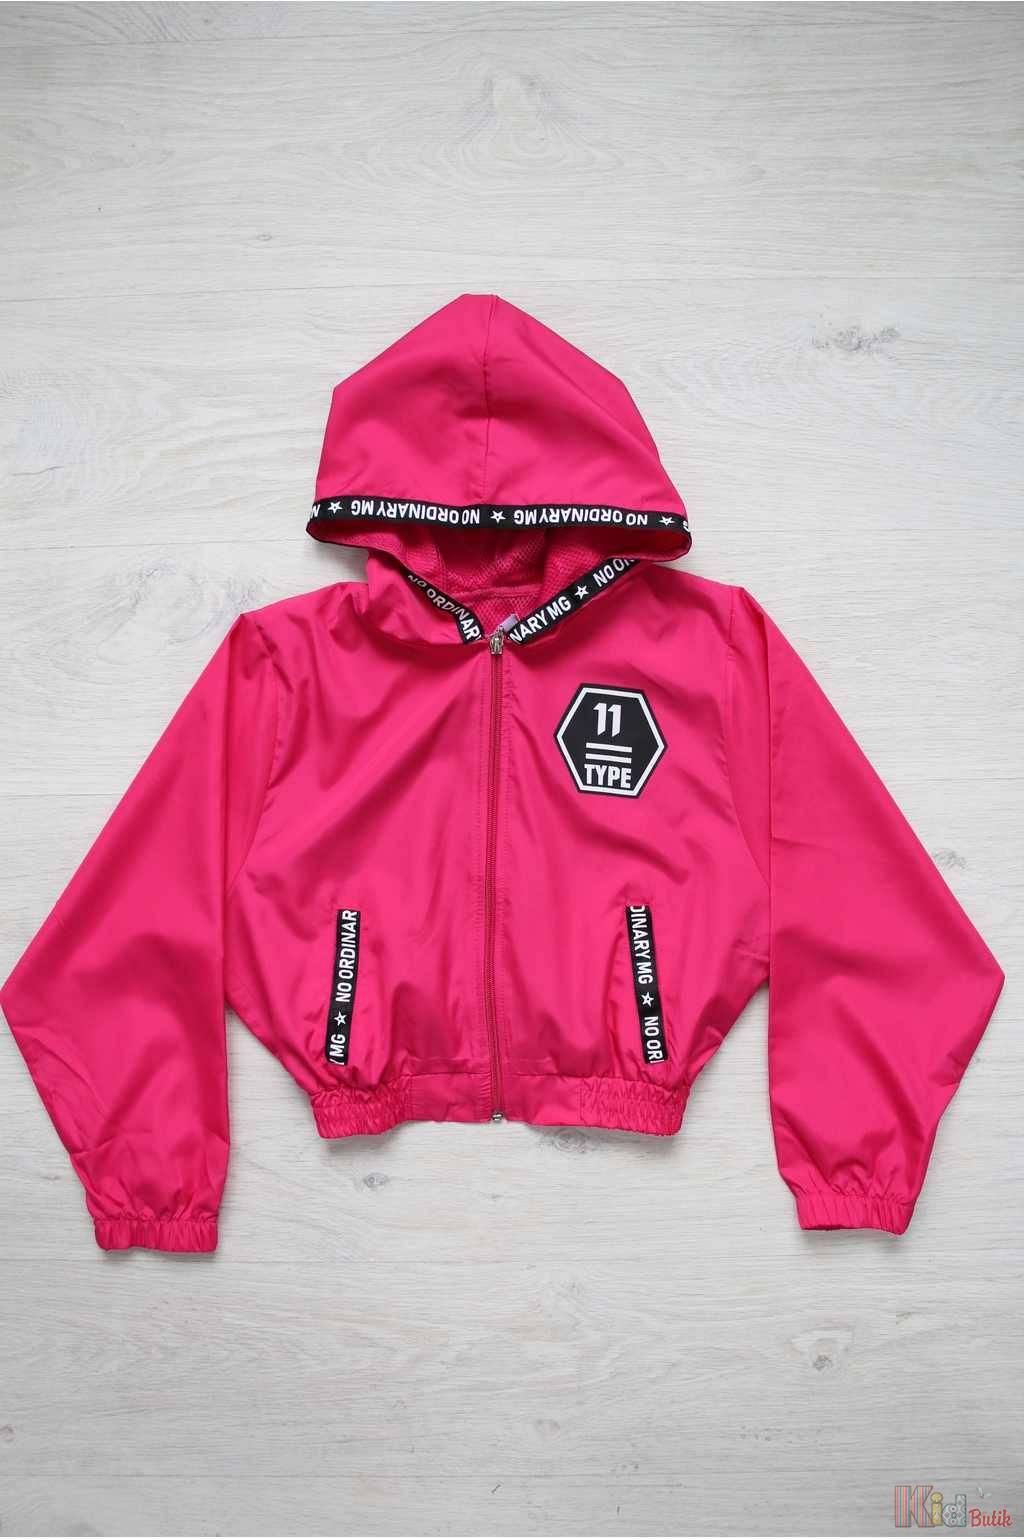 b4b455f22f7cfc ᐈ Куртки демісезонні для дівчаток, весняні курточки ᐈ Купити в інтернет  магазині KidButik™ ➔ Вигідна ціна!